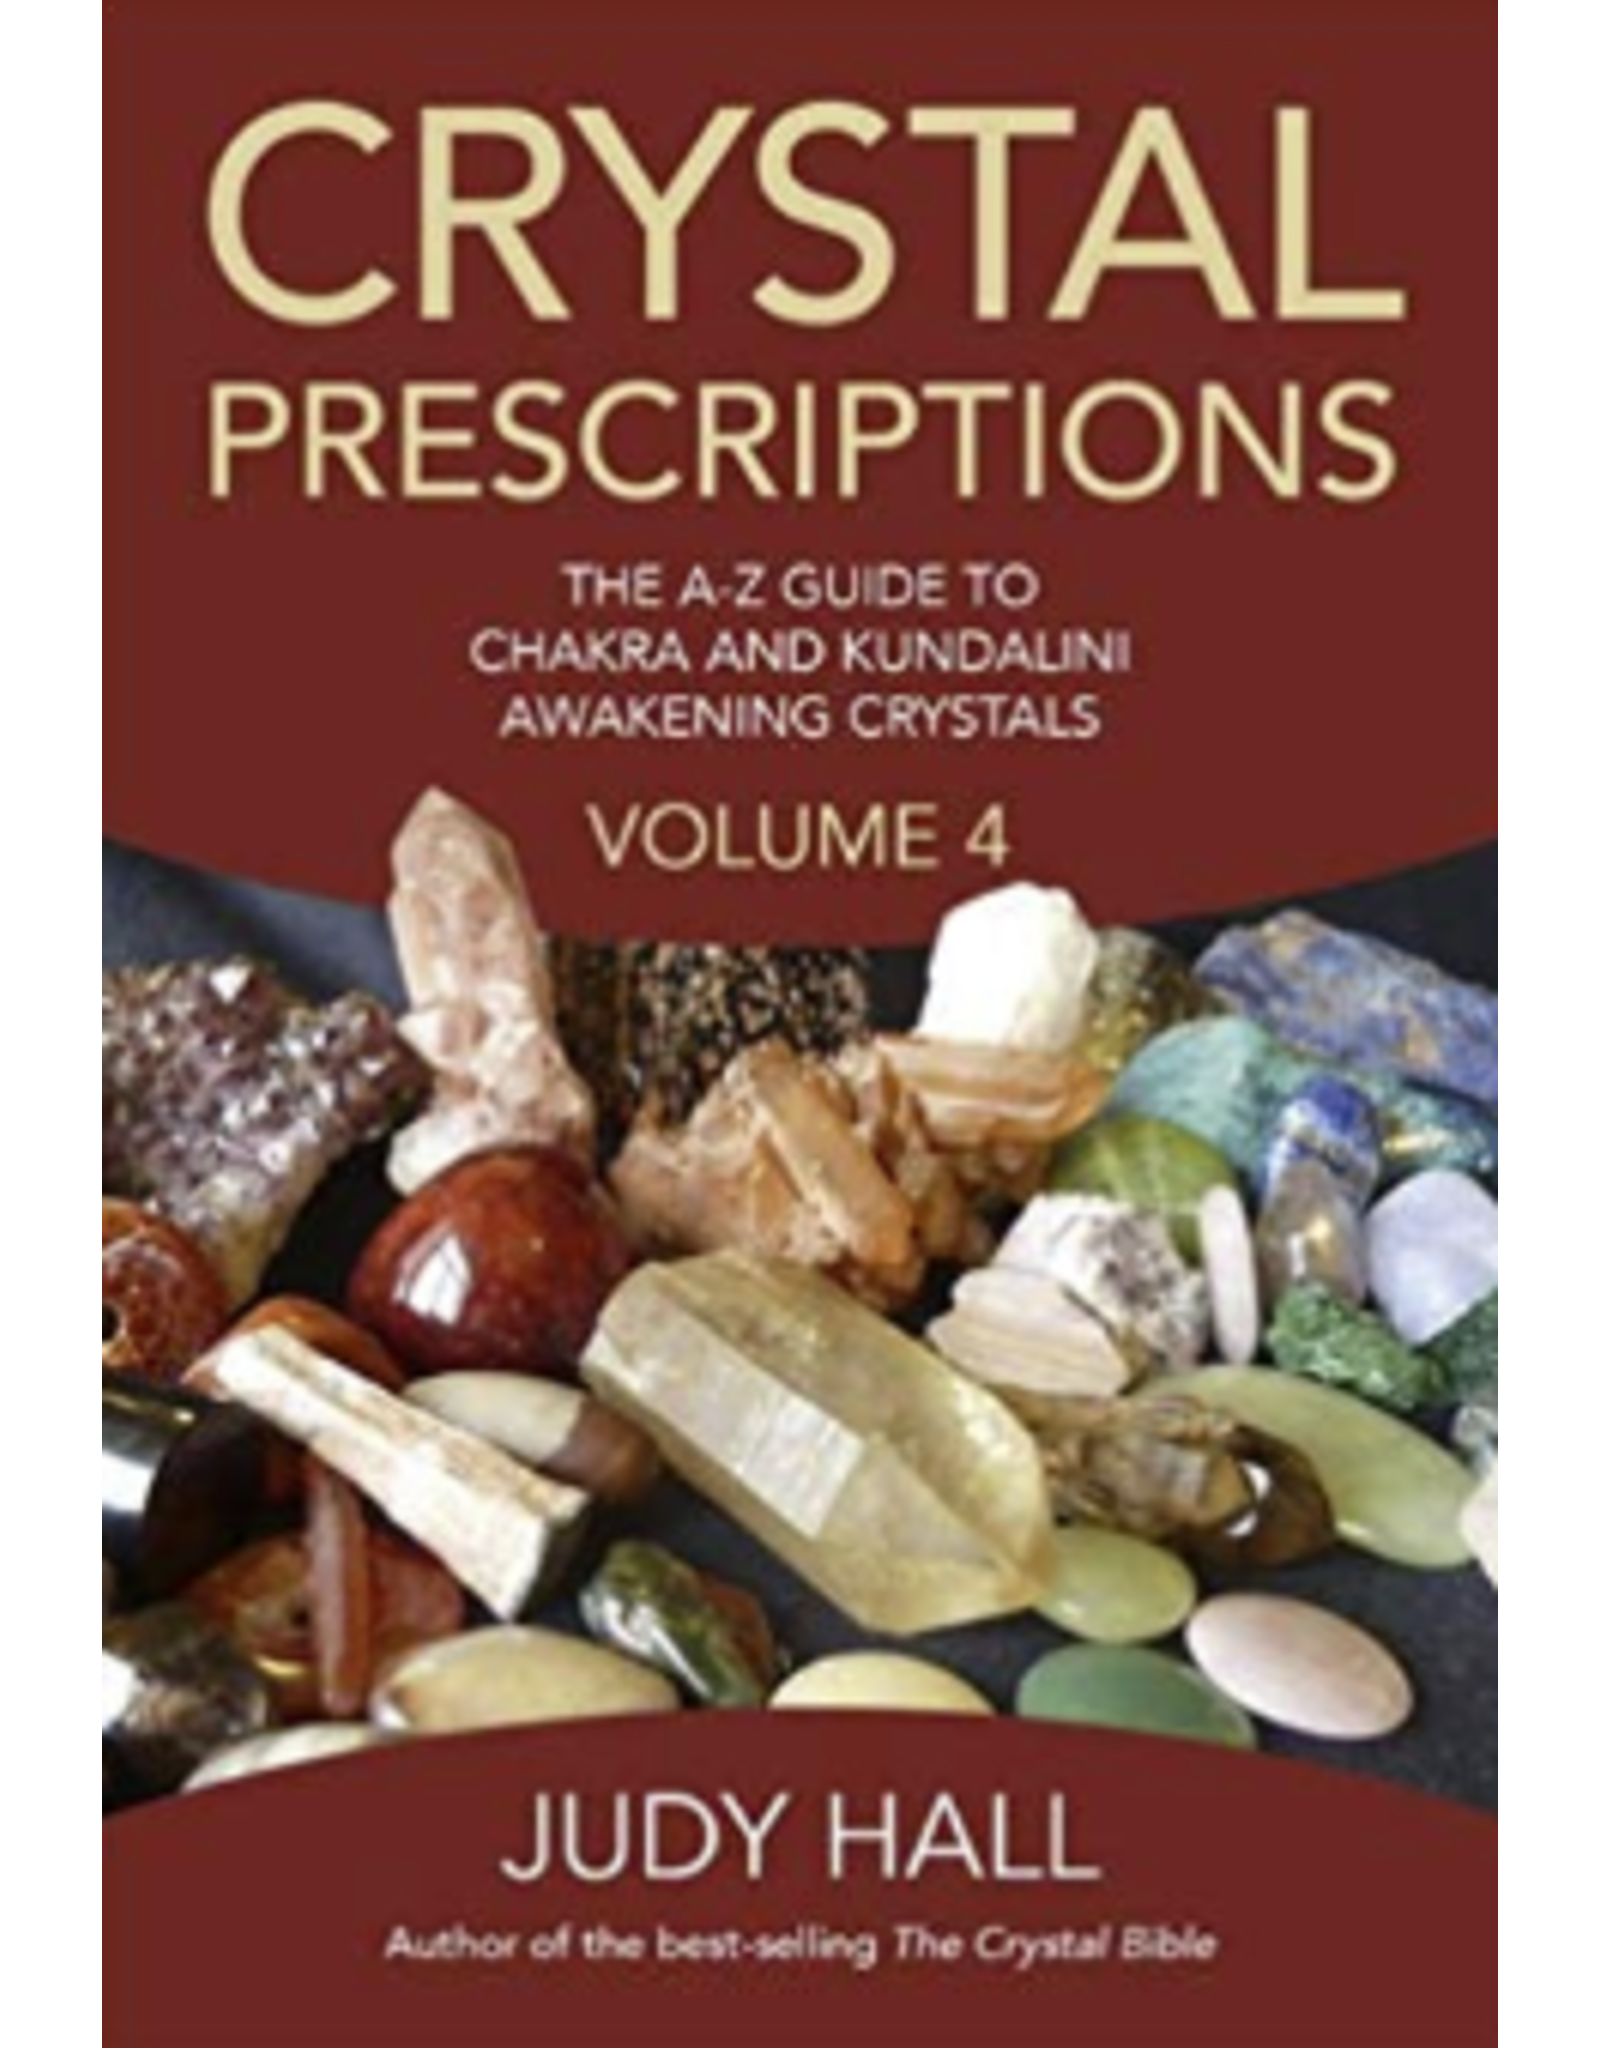 Crystal Prescriptions Vol 4